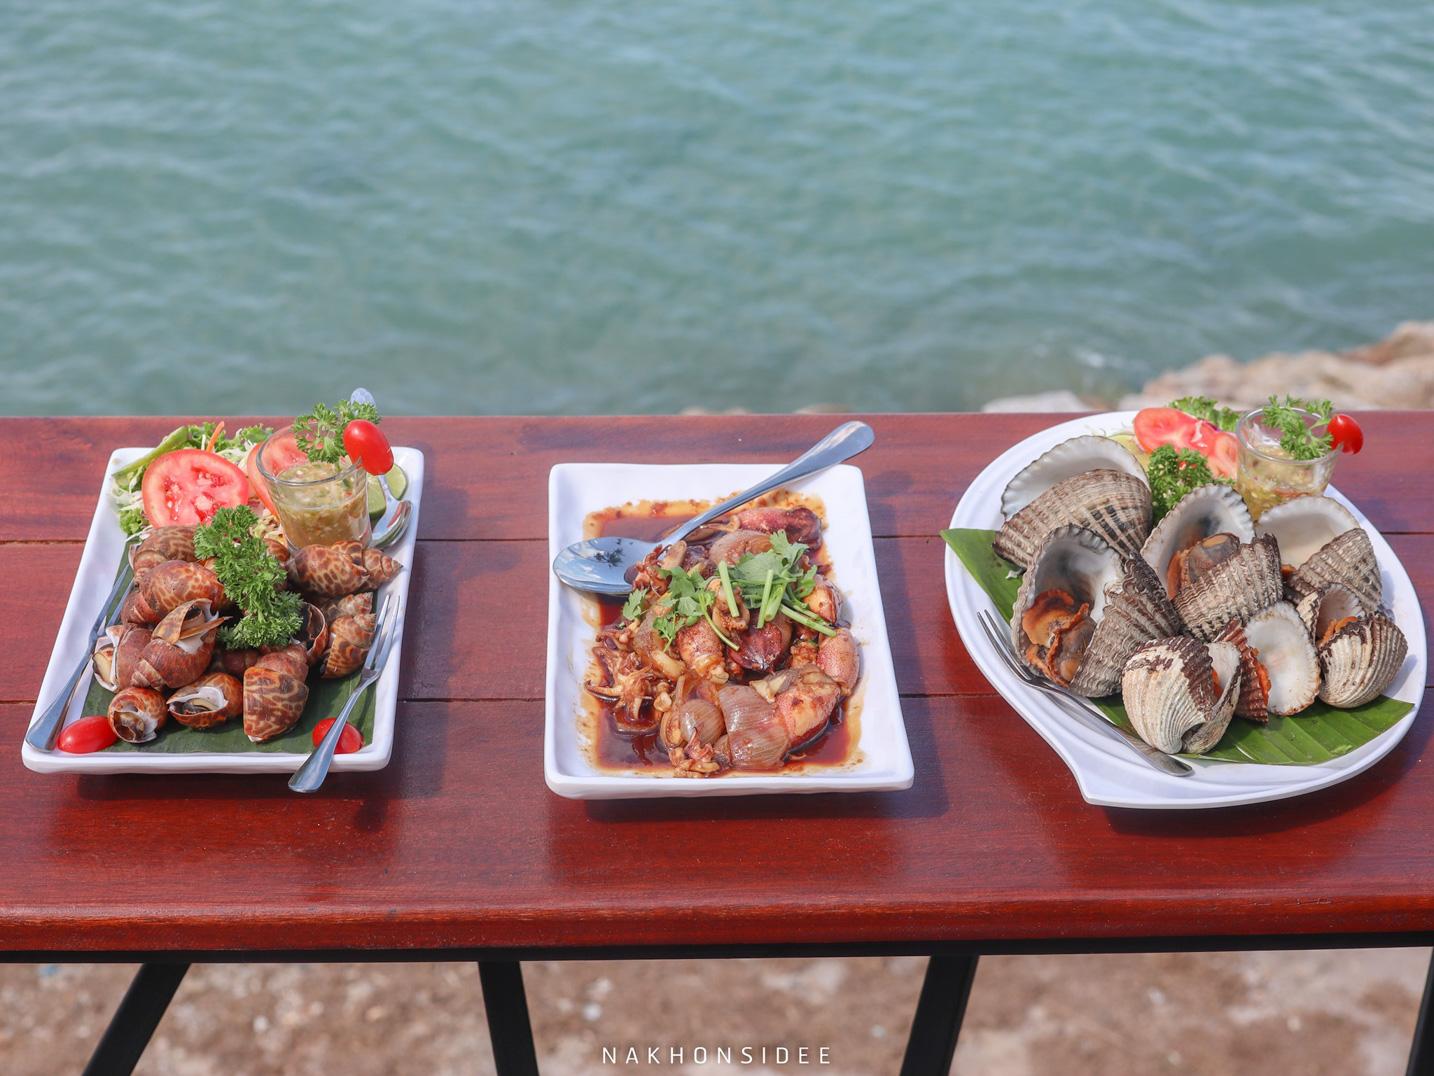 อาหารทะเลสดๆ อร่อยๆเหมือนเดิม รับประกันว่าสดชัวร์ เพราะกุ้งหอยตัวเป็นๆ อยู่ในตู้ให้เราไปเลือกได้เลย ฮ่าา ที่พัก,ขนอม,เปิดใหม่,อ่าวขนอม,รีสอร์ท,ซีฟู๊ด,อร่อย,หาดในเพลา